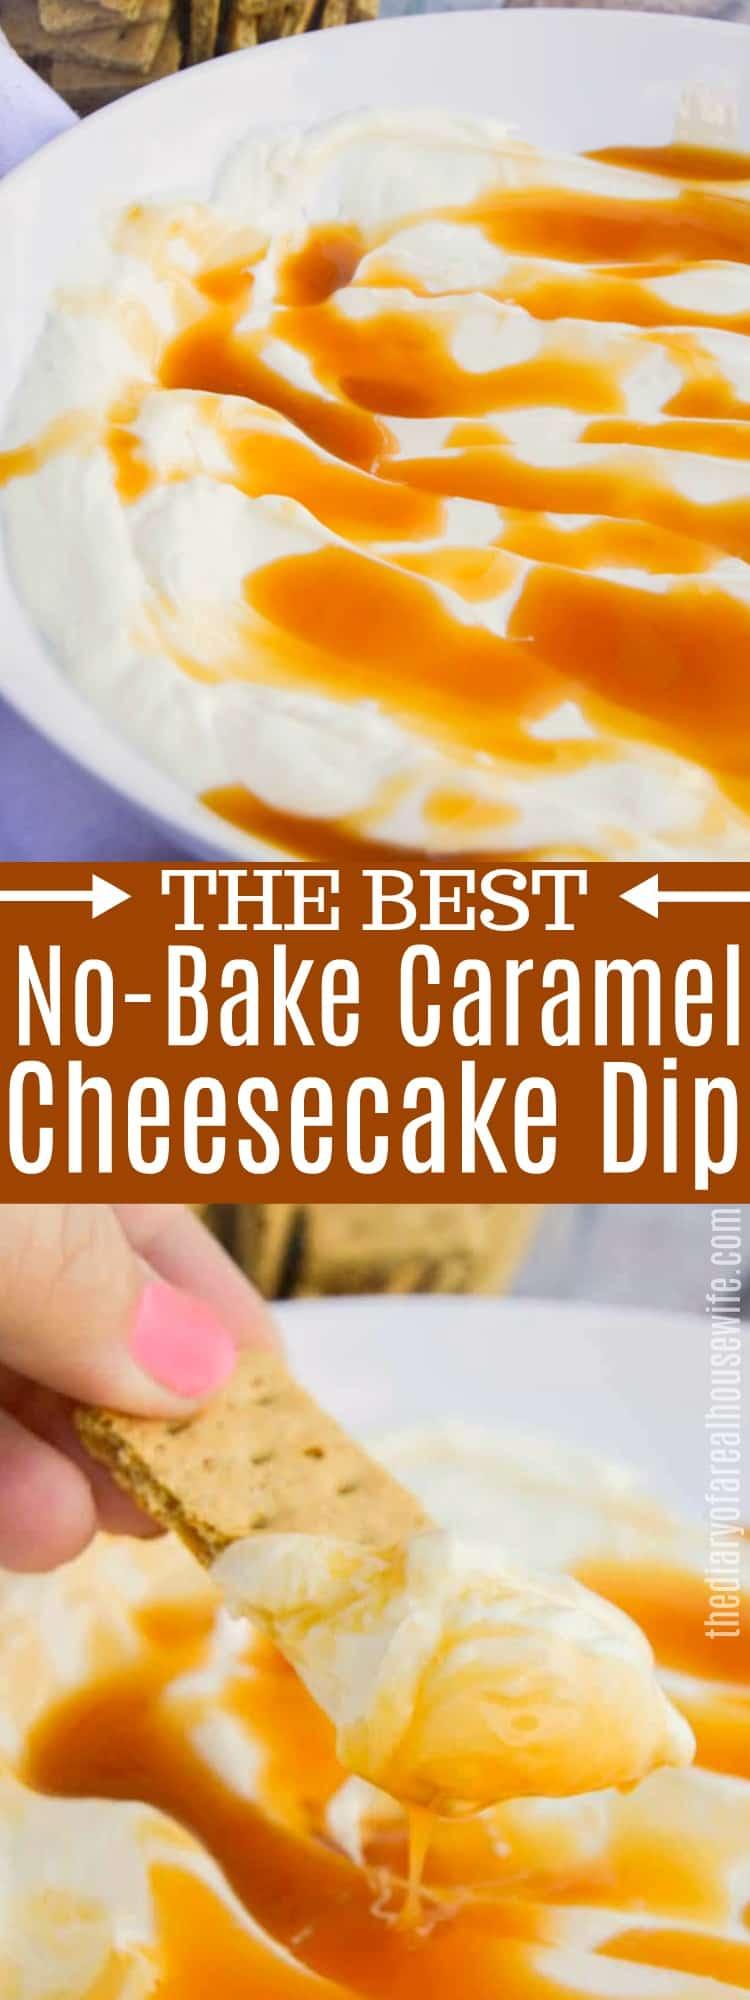 Caramel Cheesecake Dip